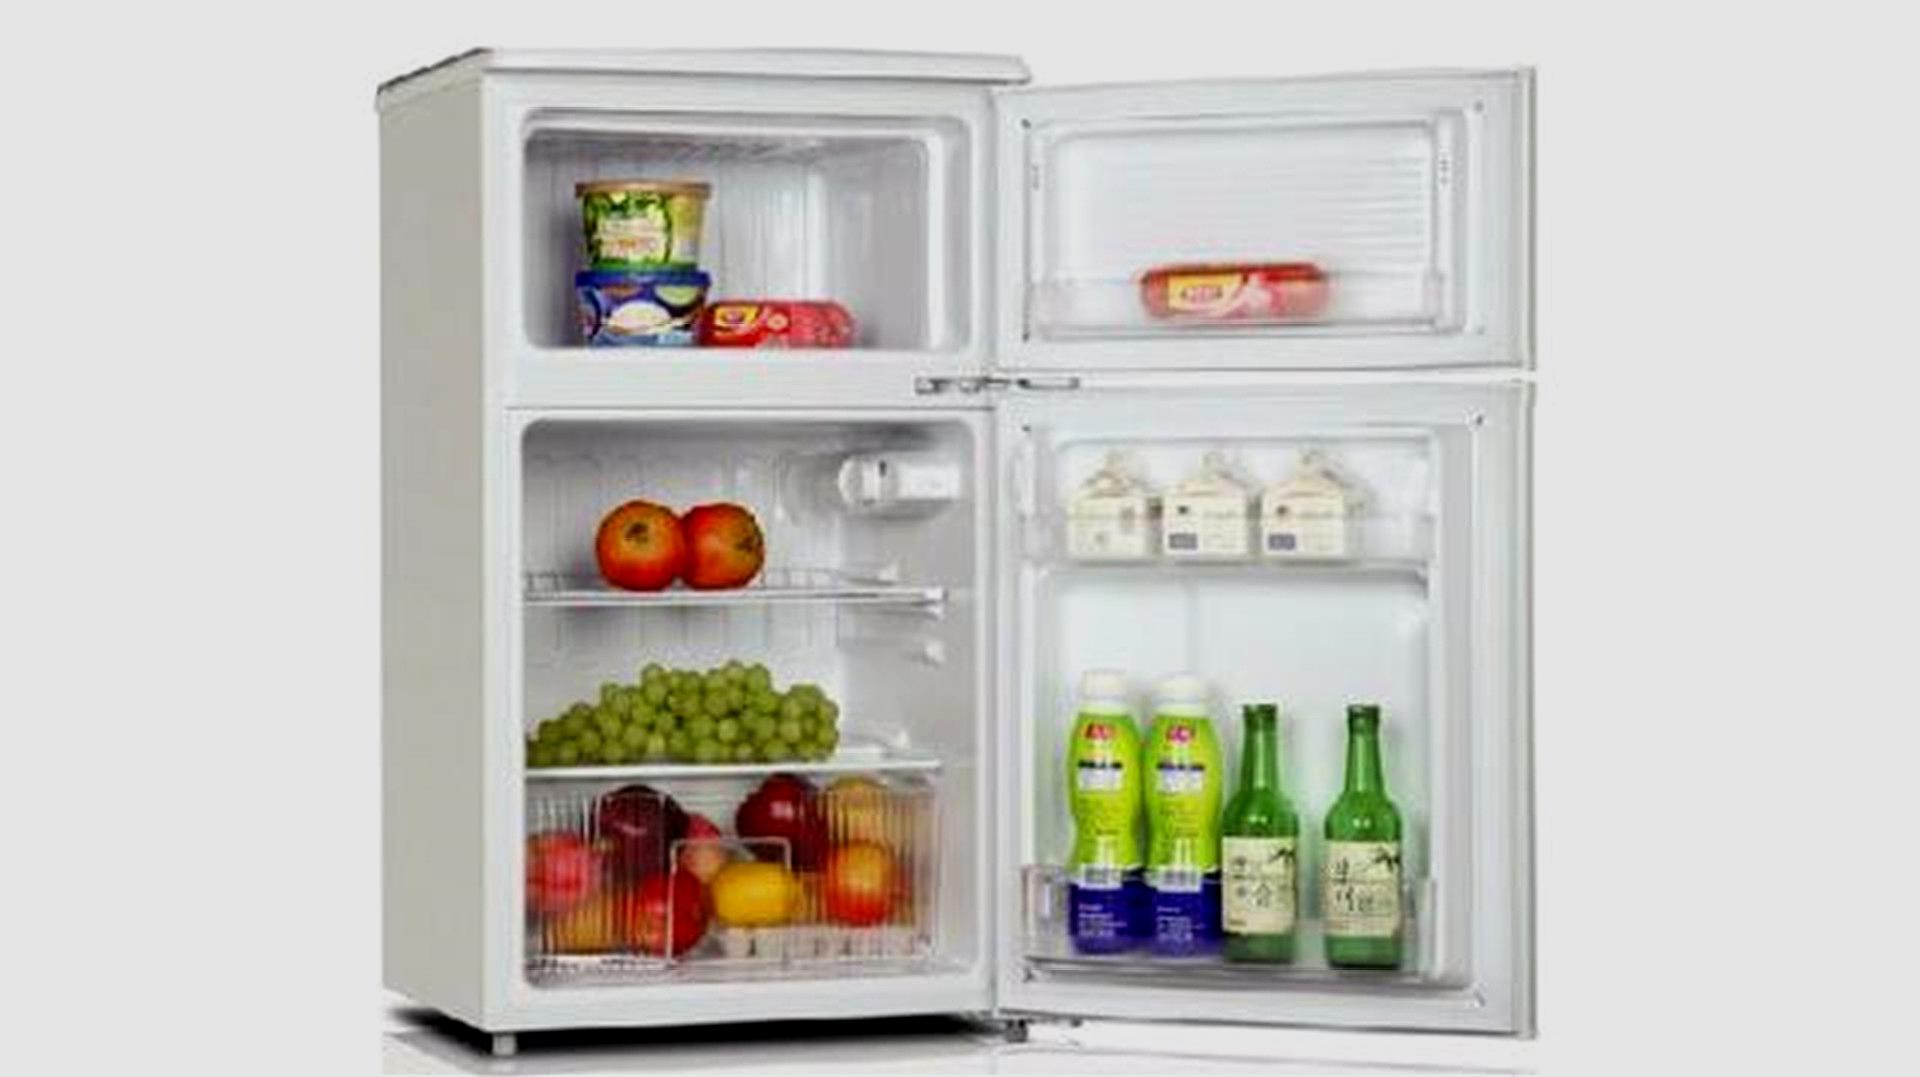 家里的冰箱旁,切记不要放这三样东西,我也是才知道,快提醒家人